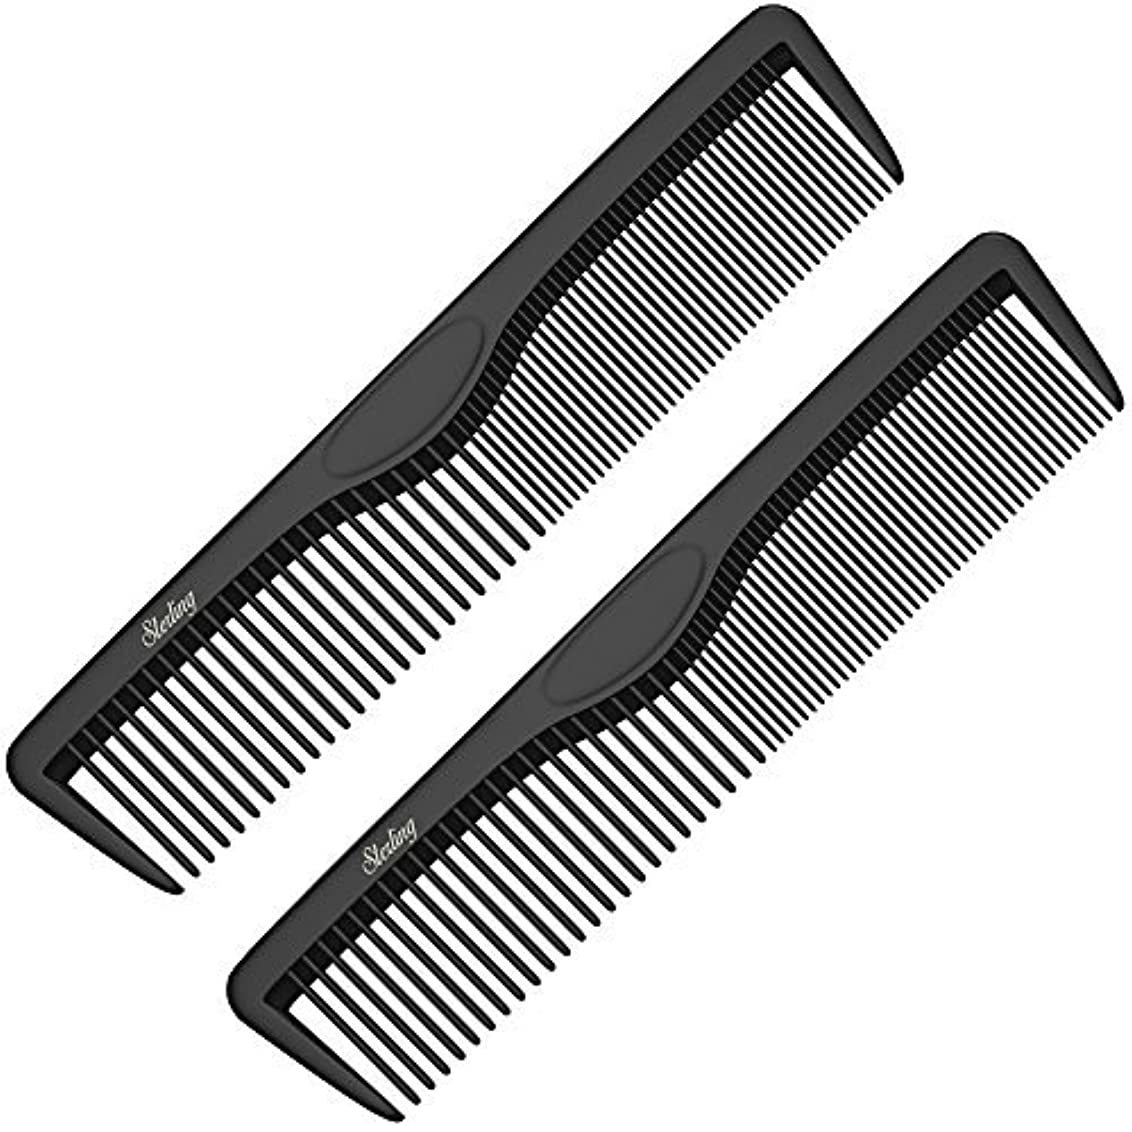 小売限りなく論争の的Pocket Combs   2 Pack   Professional 5 Inch Black Carbon Fiber Hair Comb   Fine And Wide Tooth Travel Comb Set...